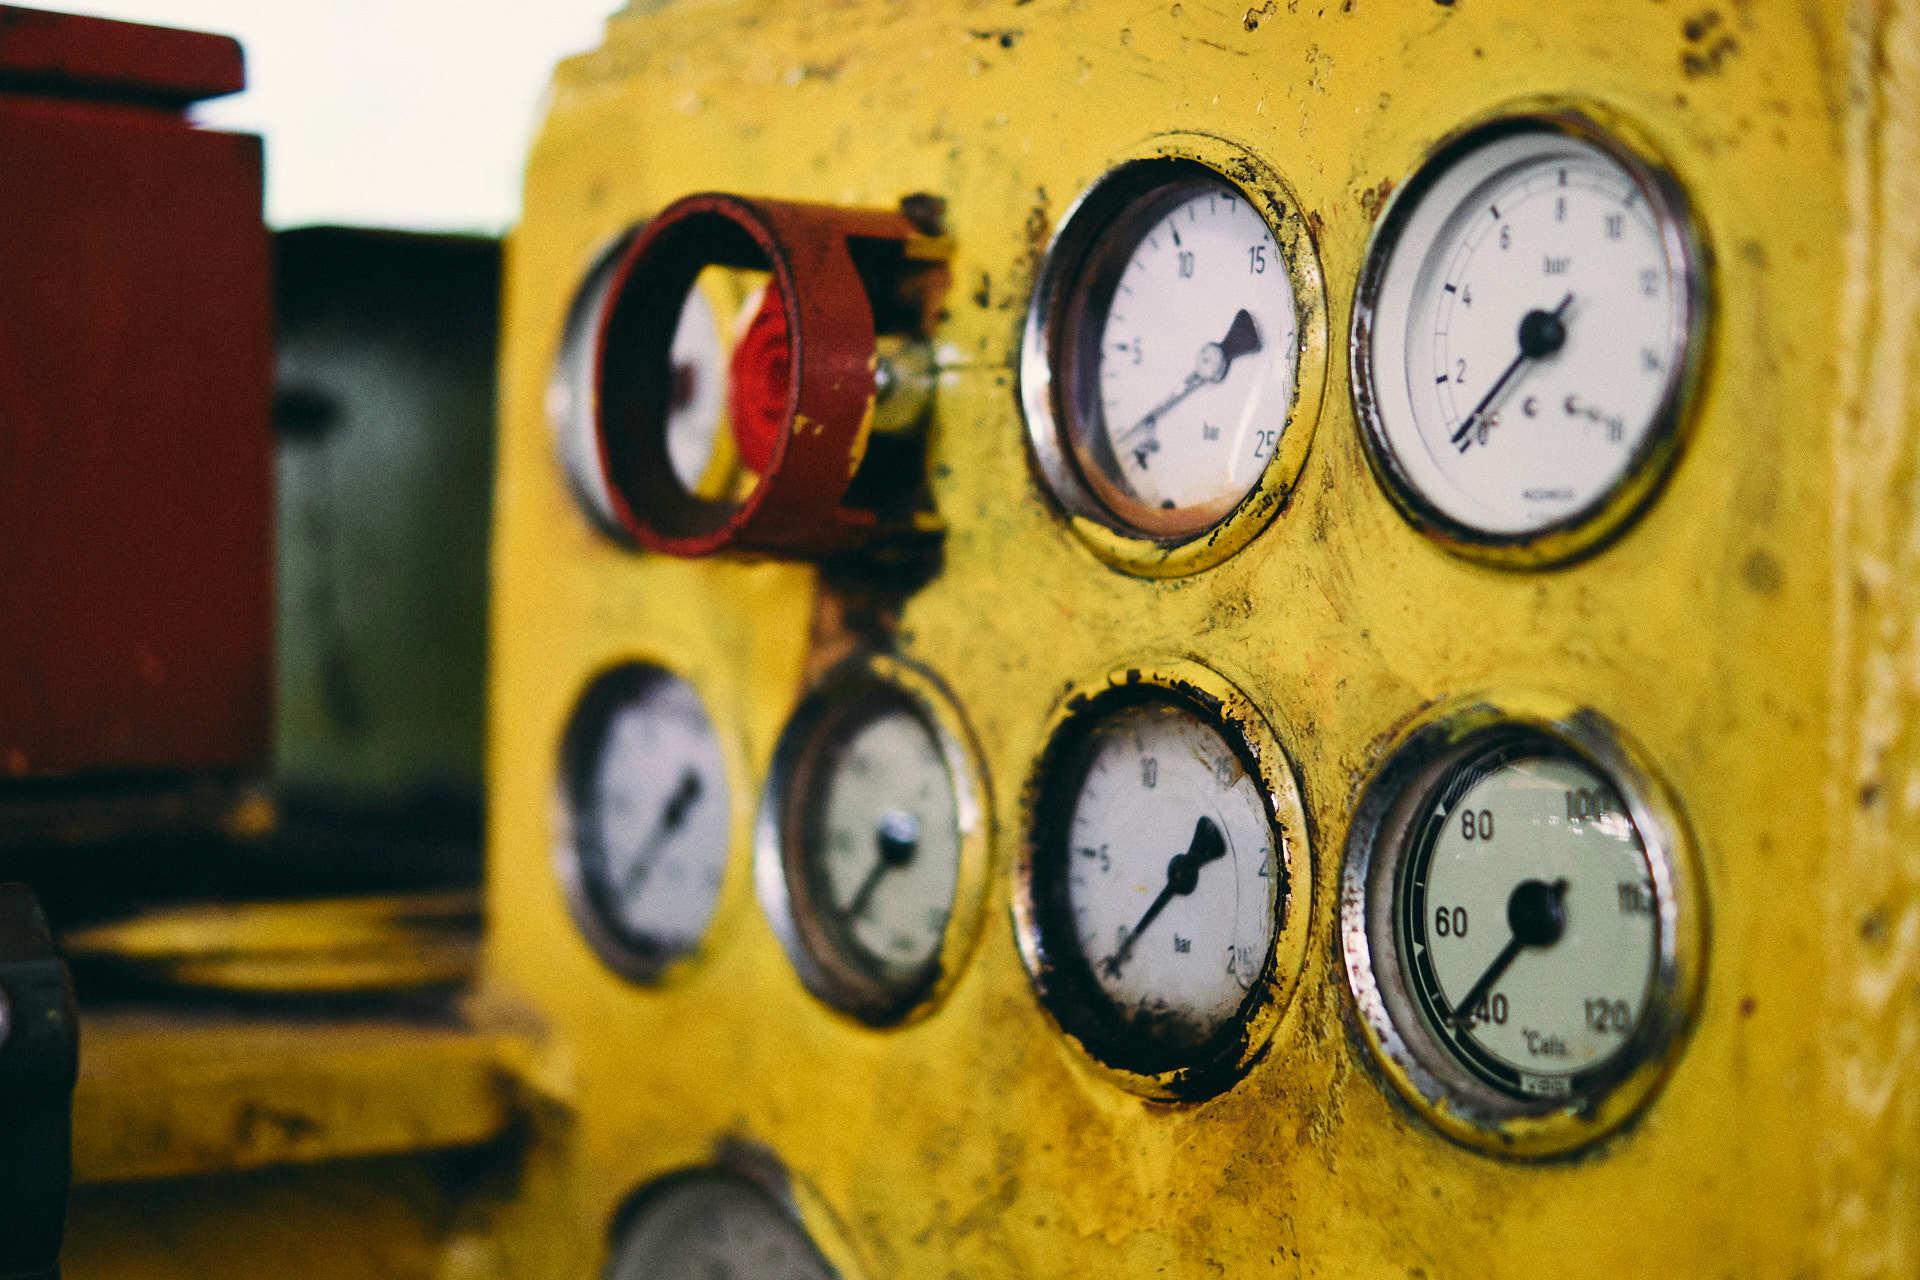 Meters mijnwerkers machine